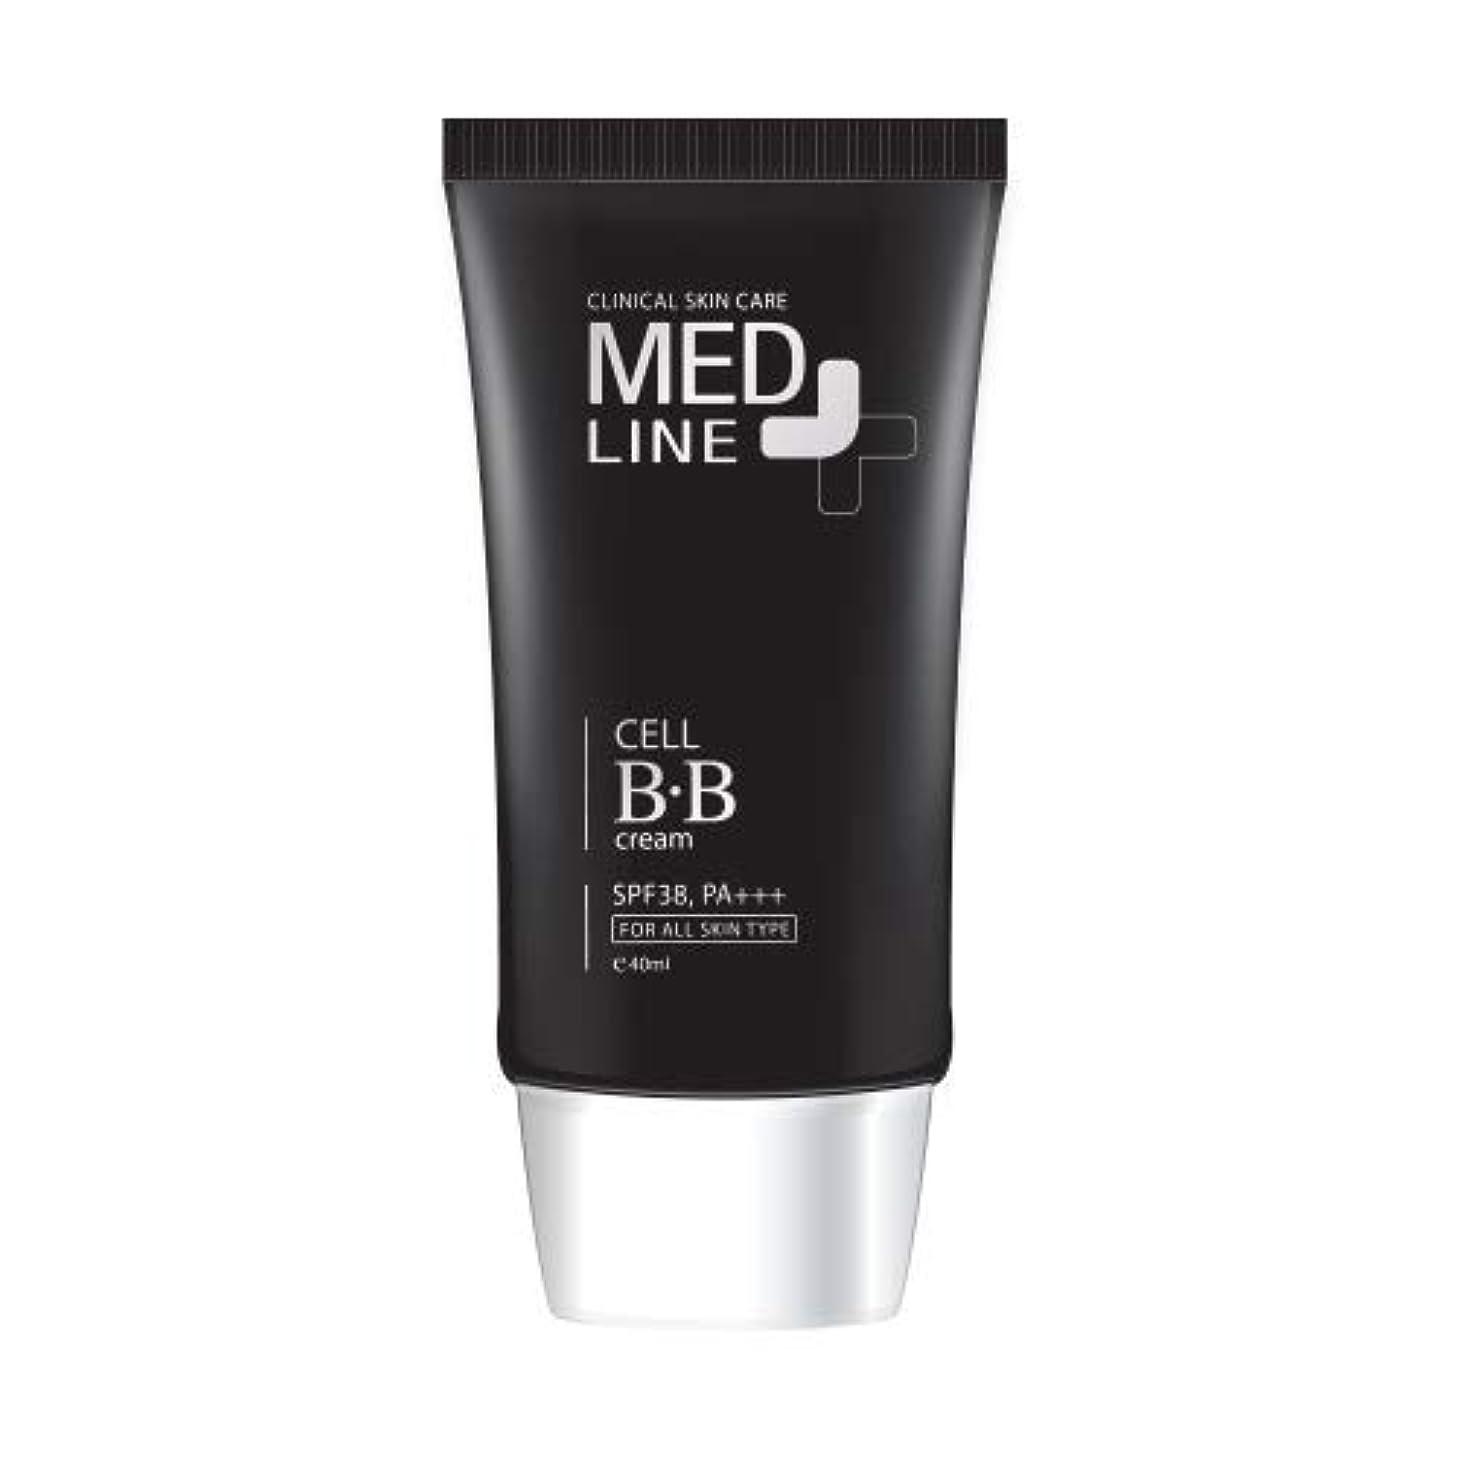 クモアクチュエータ絶対にメドライン(Med Line) セルBBクリーム(Cell B.B Cream)